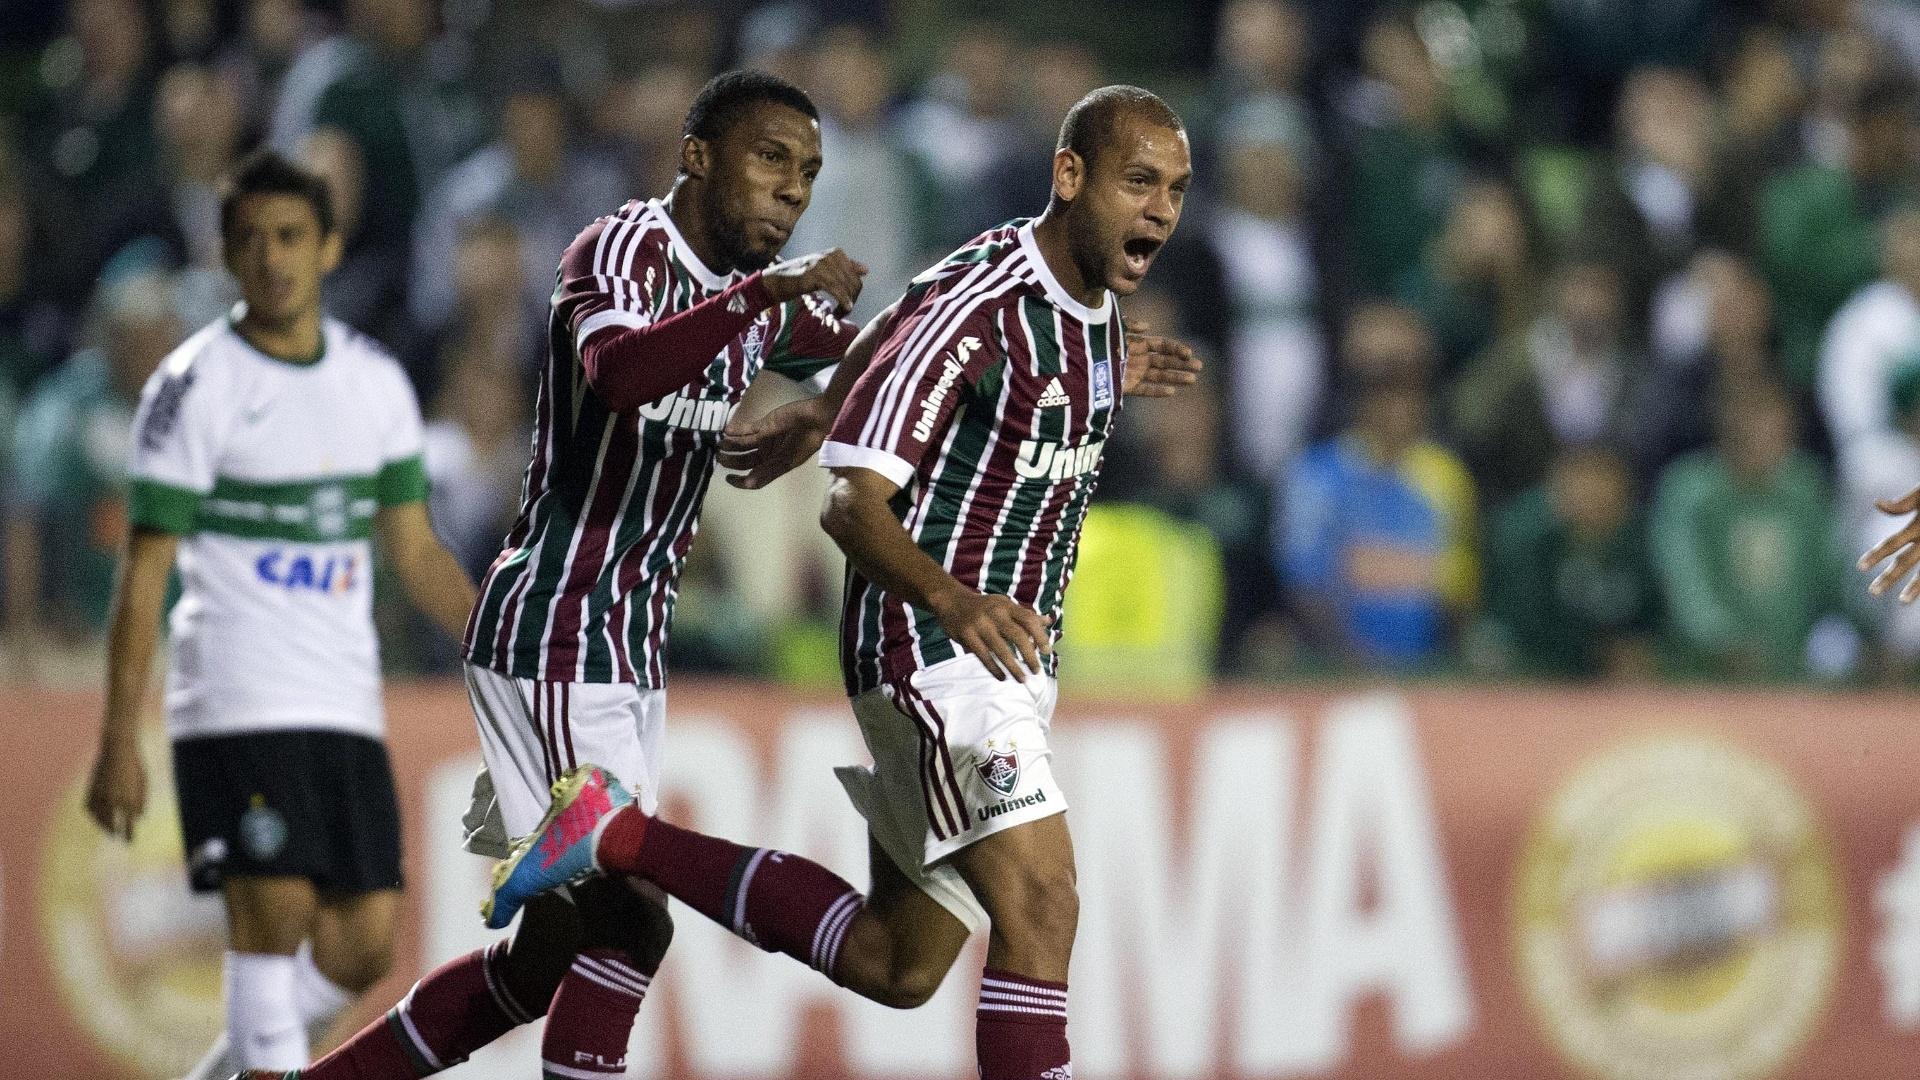 06.06.13 - Carlinhos comemora gol do Fluminense contra o Coritiba pelo Brasileirão